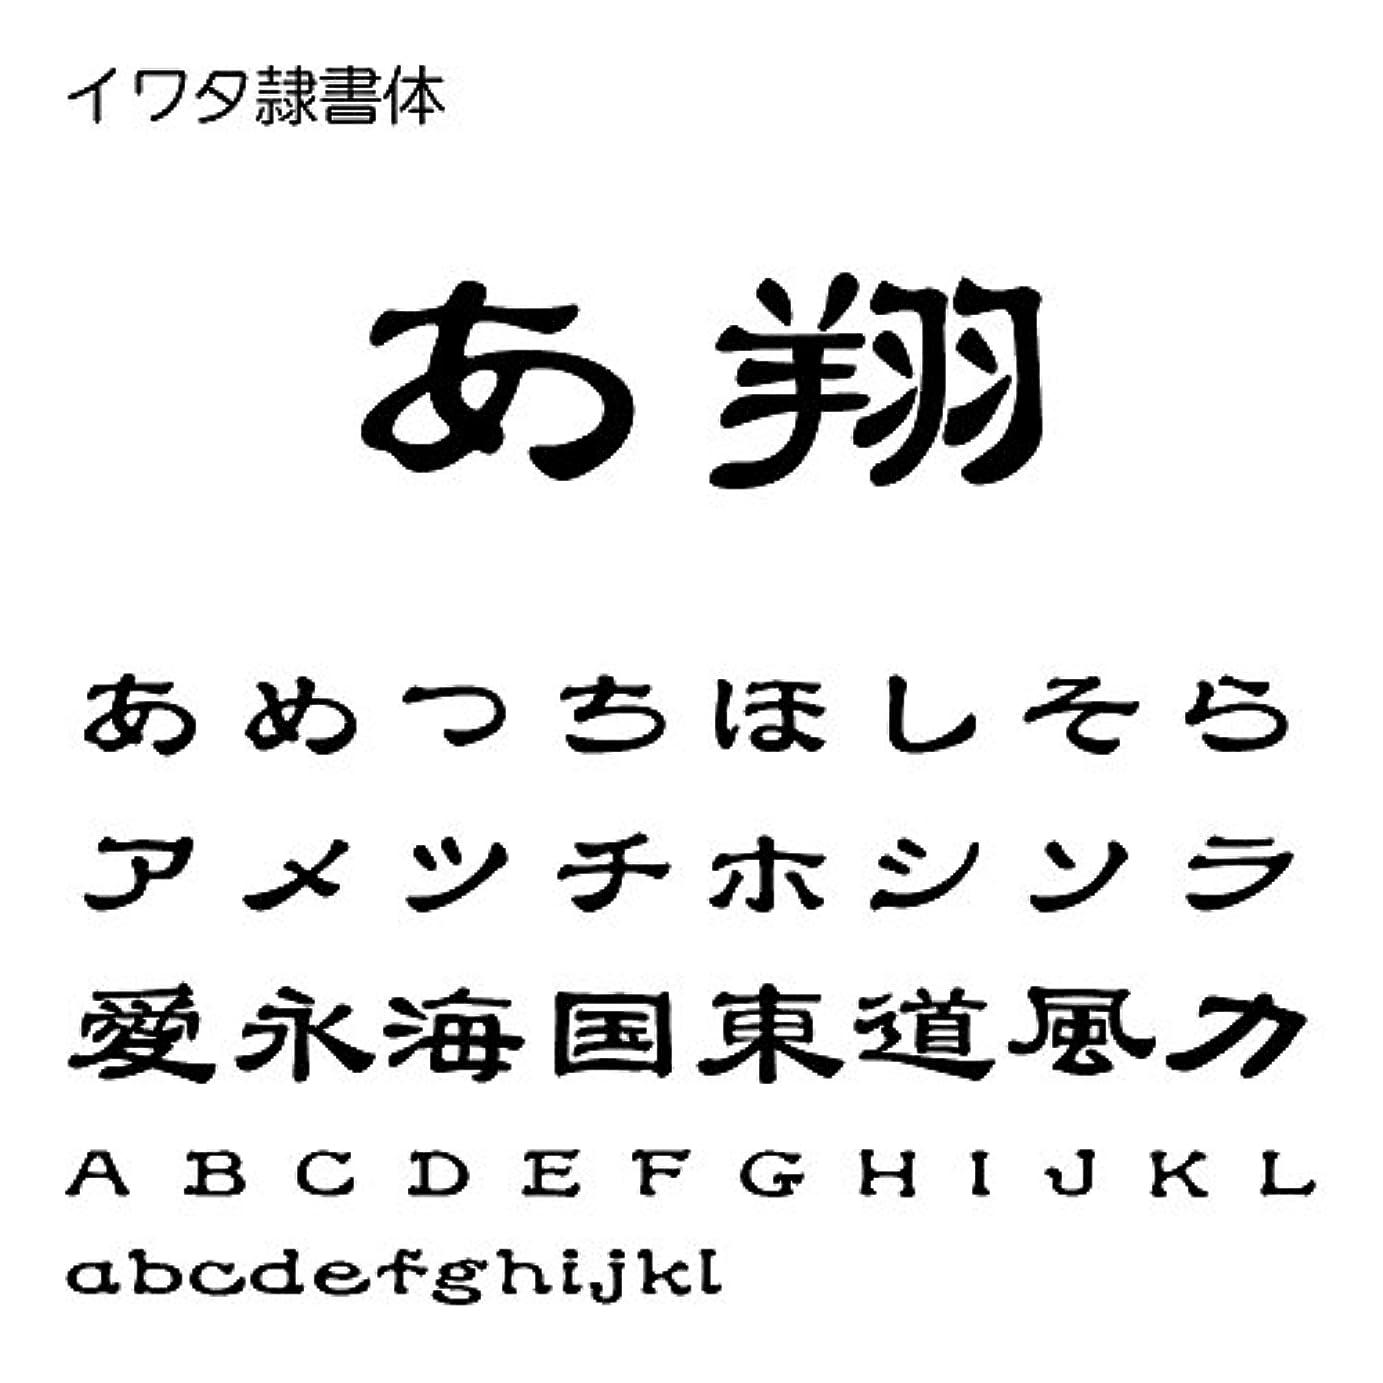 ヘッドレス嬉しいです化石イワタ隷書体 TrueType Font for Windows [ダウンロード]